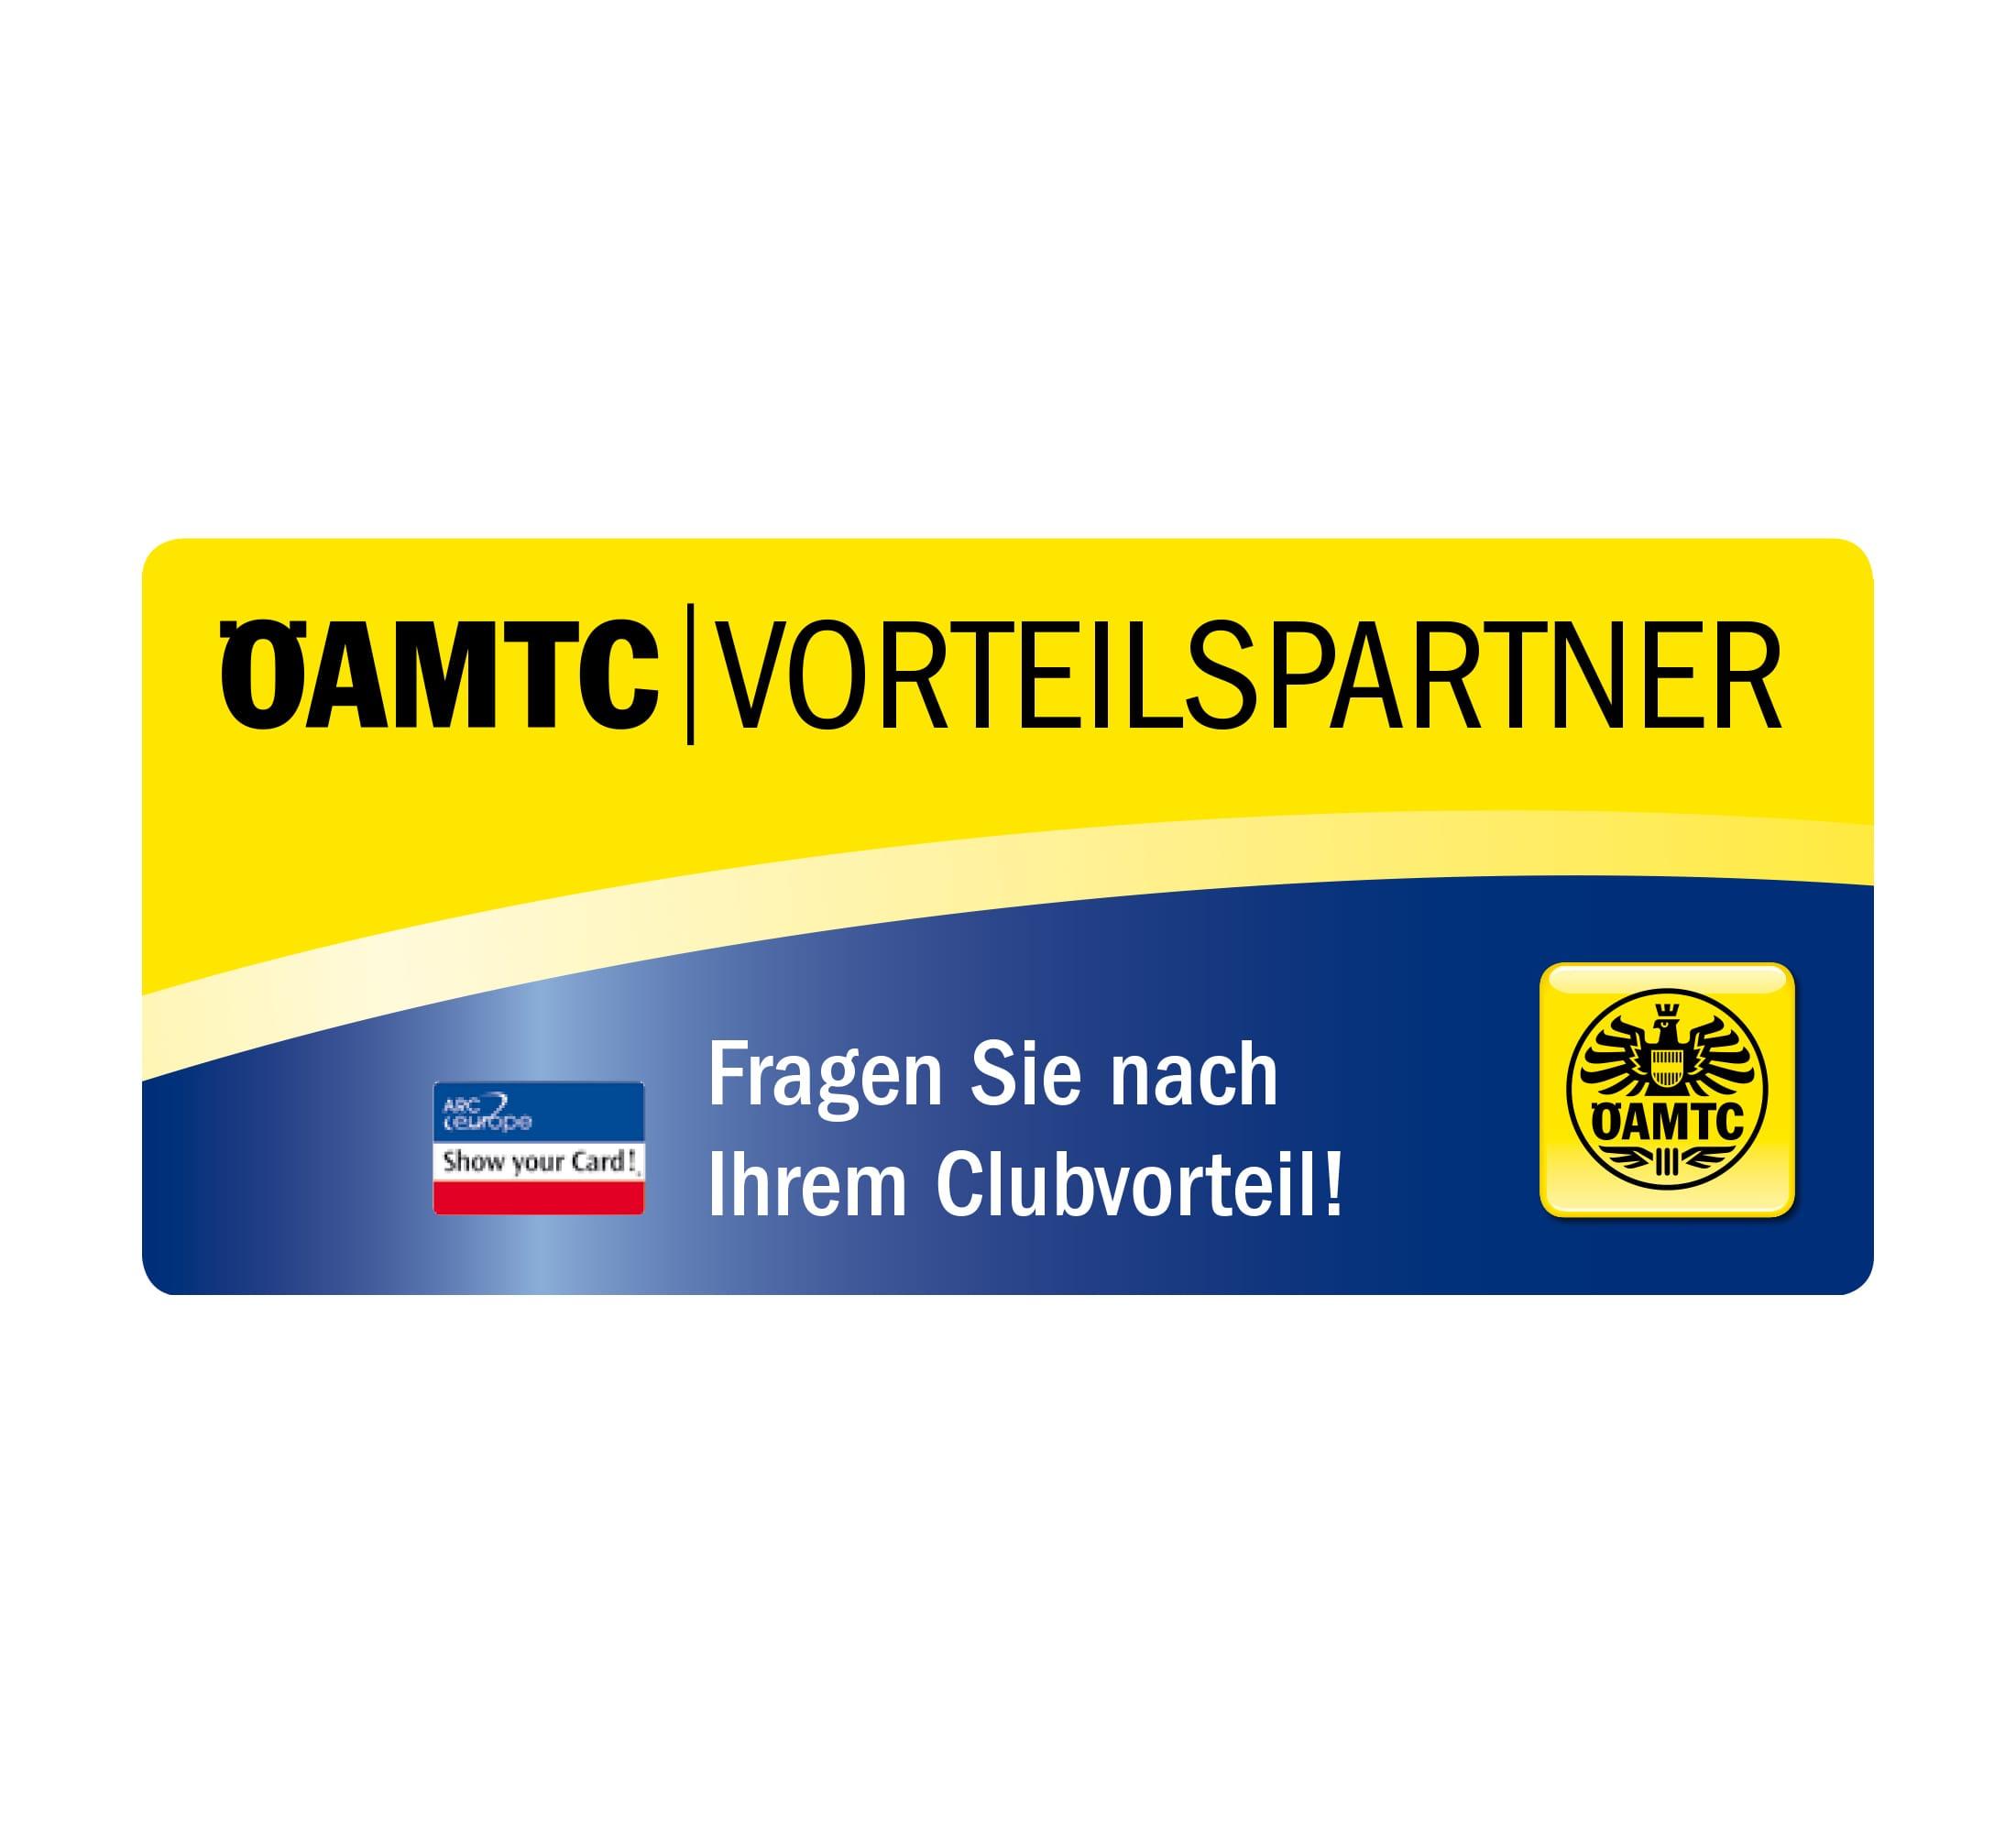 Logo für OEAMTC Vorteilspartner